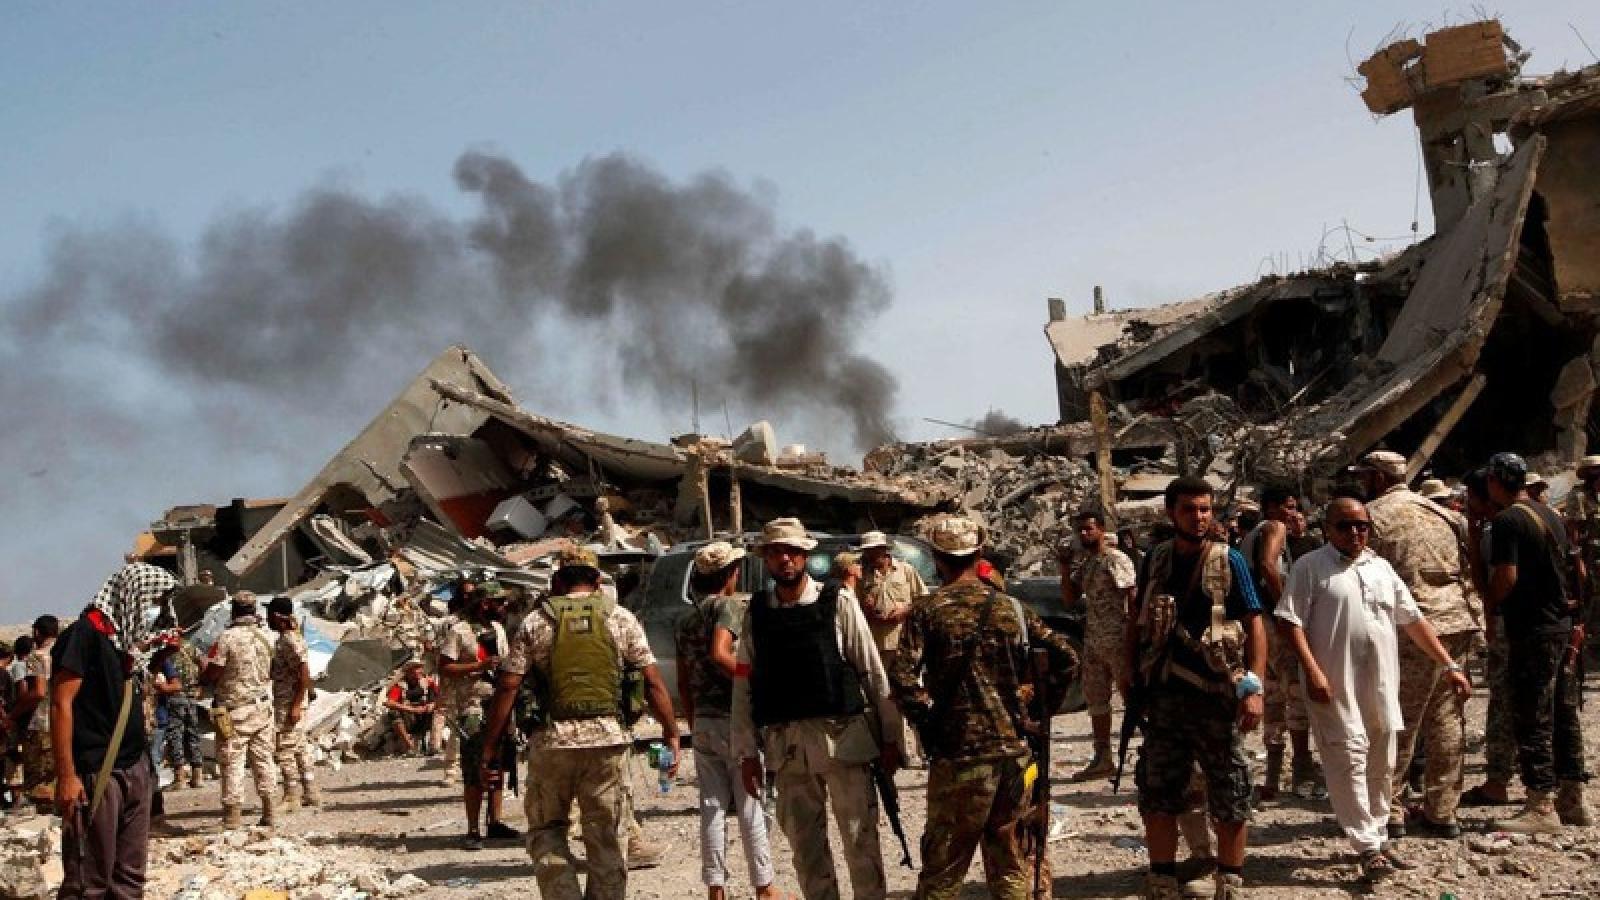 """Nước ngoài """"rục rịch"""" can thiệp quân sự, người dân Libya nói gì?"""